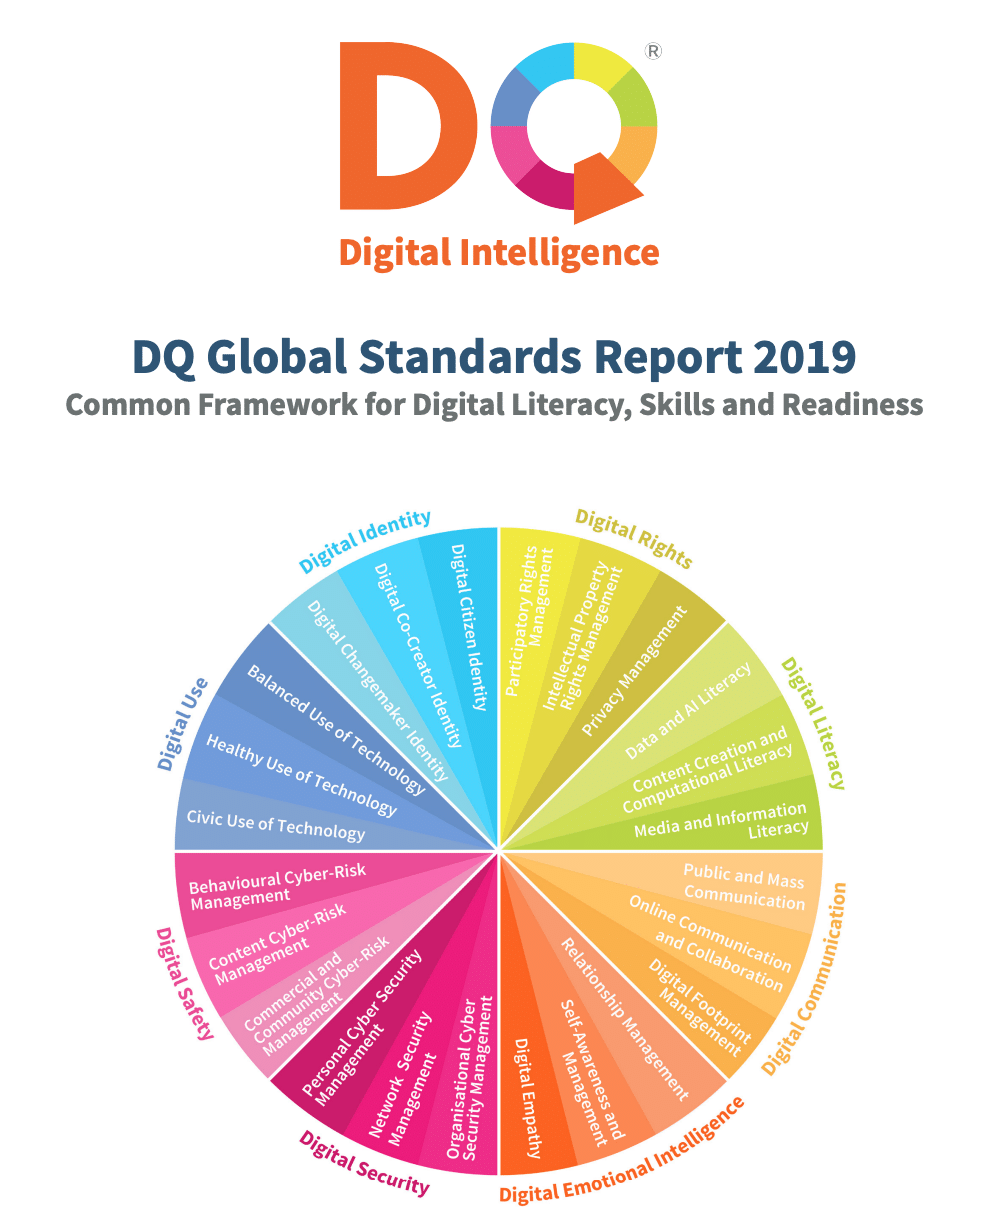 ดาวน์โหลด DQ Global Standards Report 2019